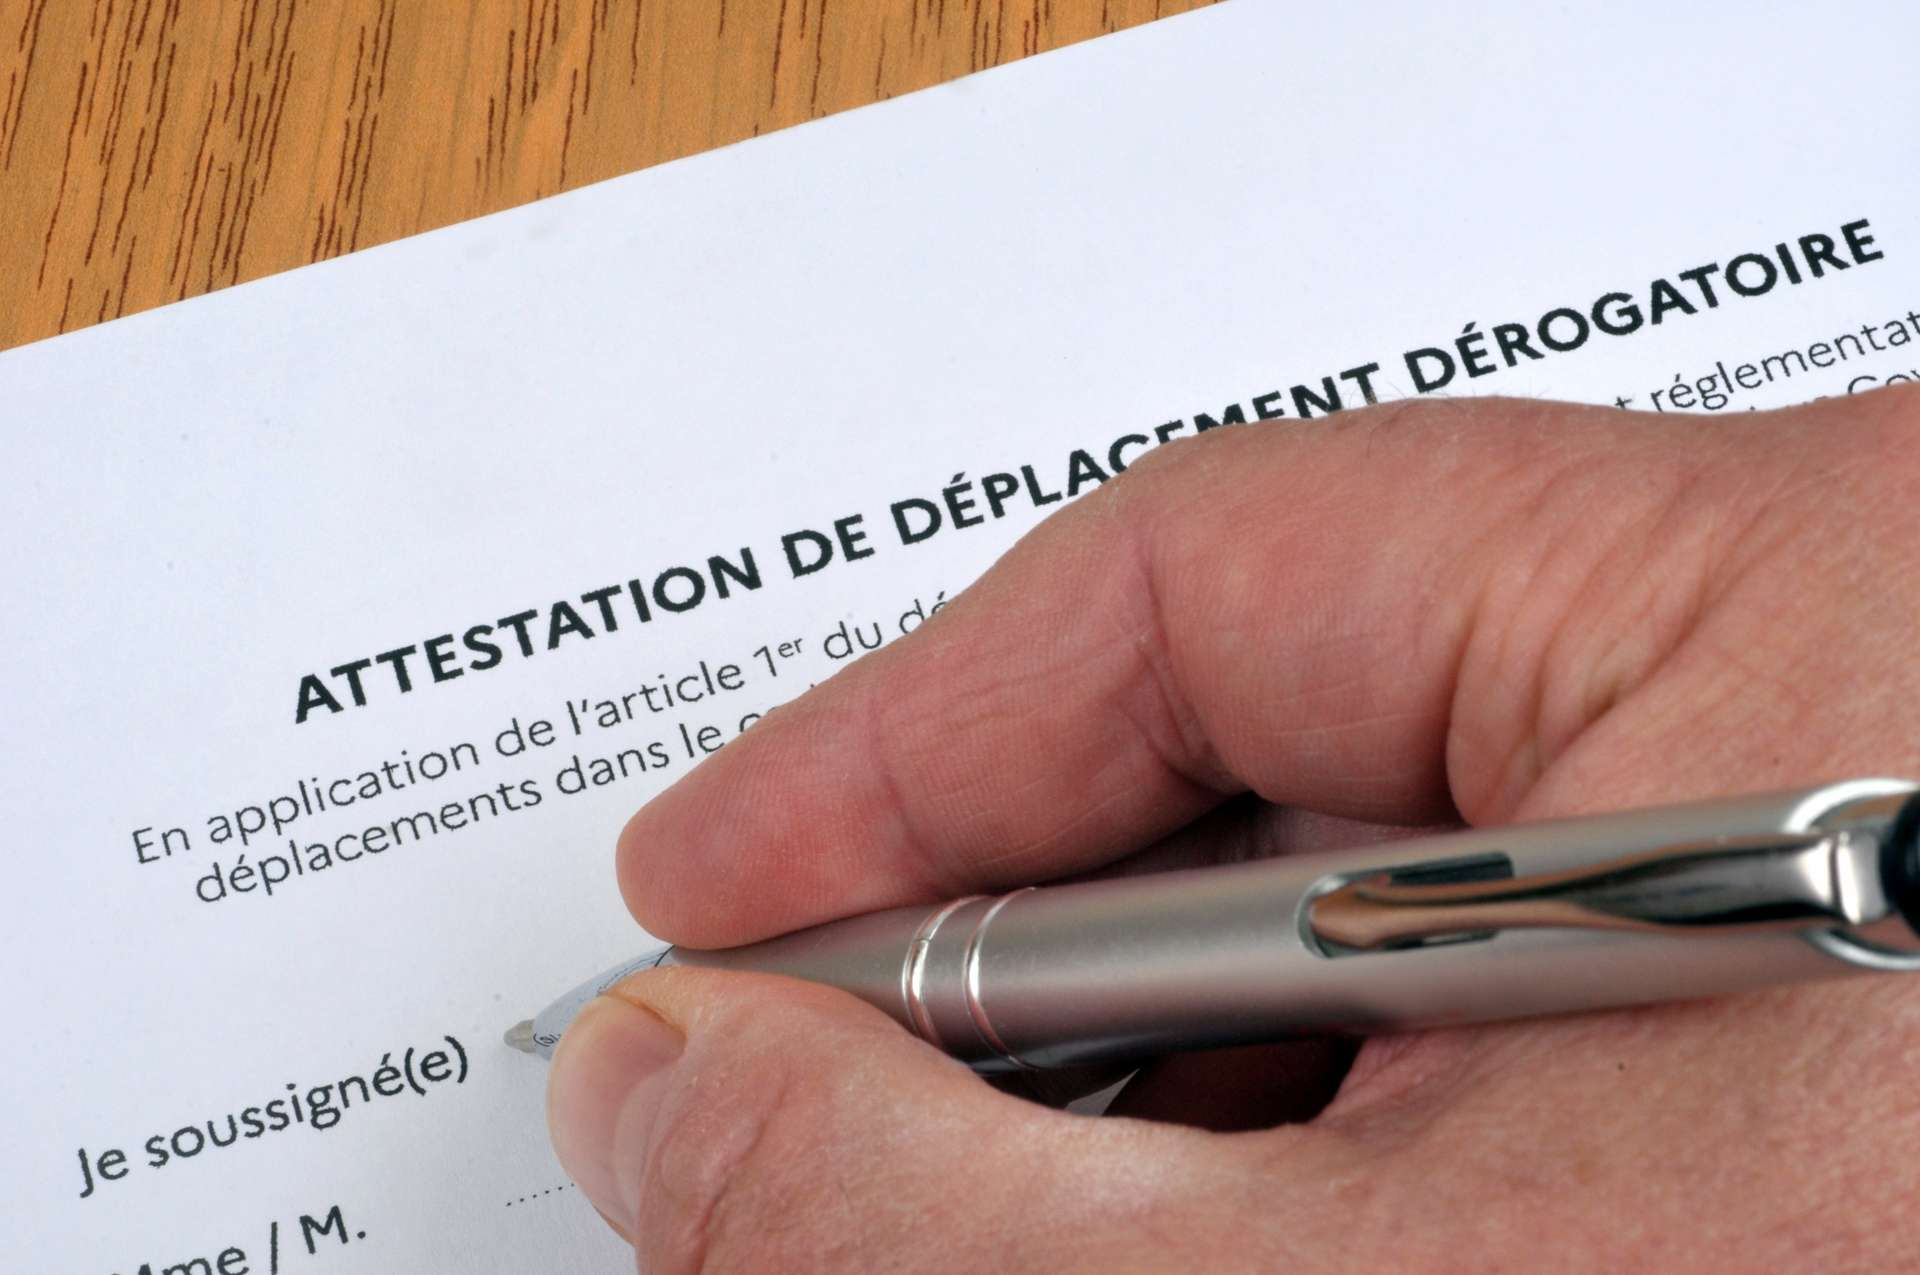 Téléchargez votre attestation dérogatoire © Richard Villalon, Adobe Stock